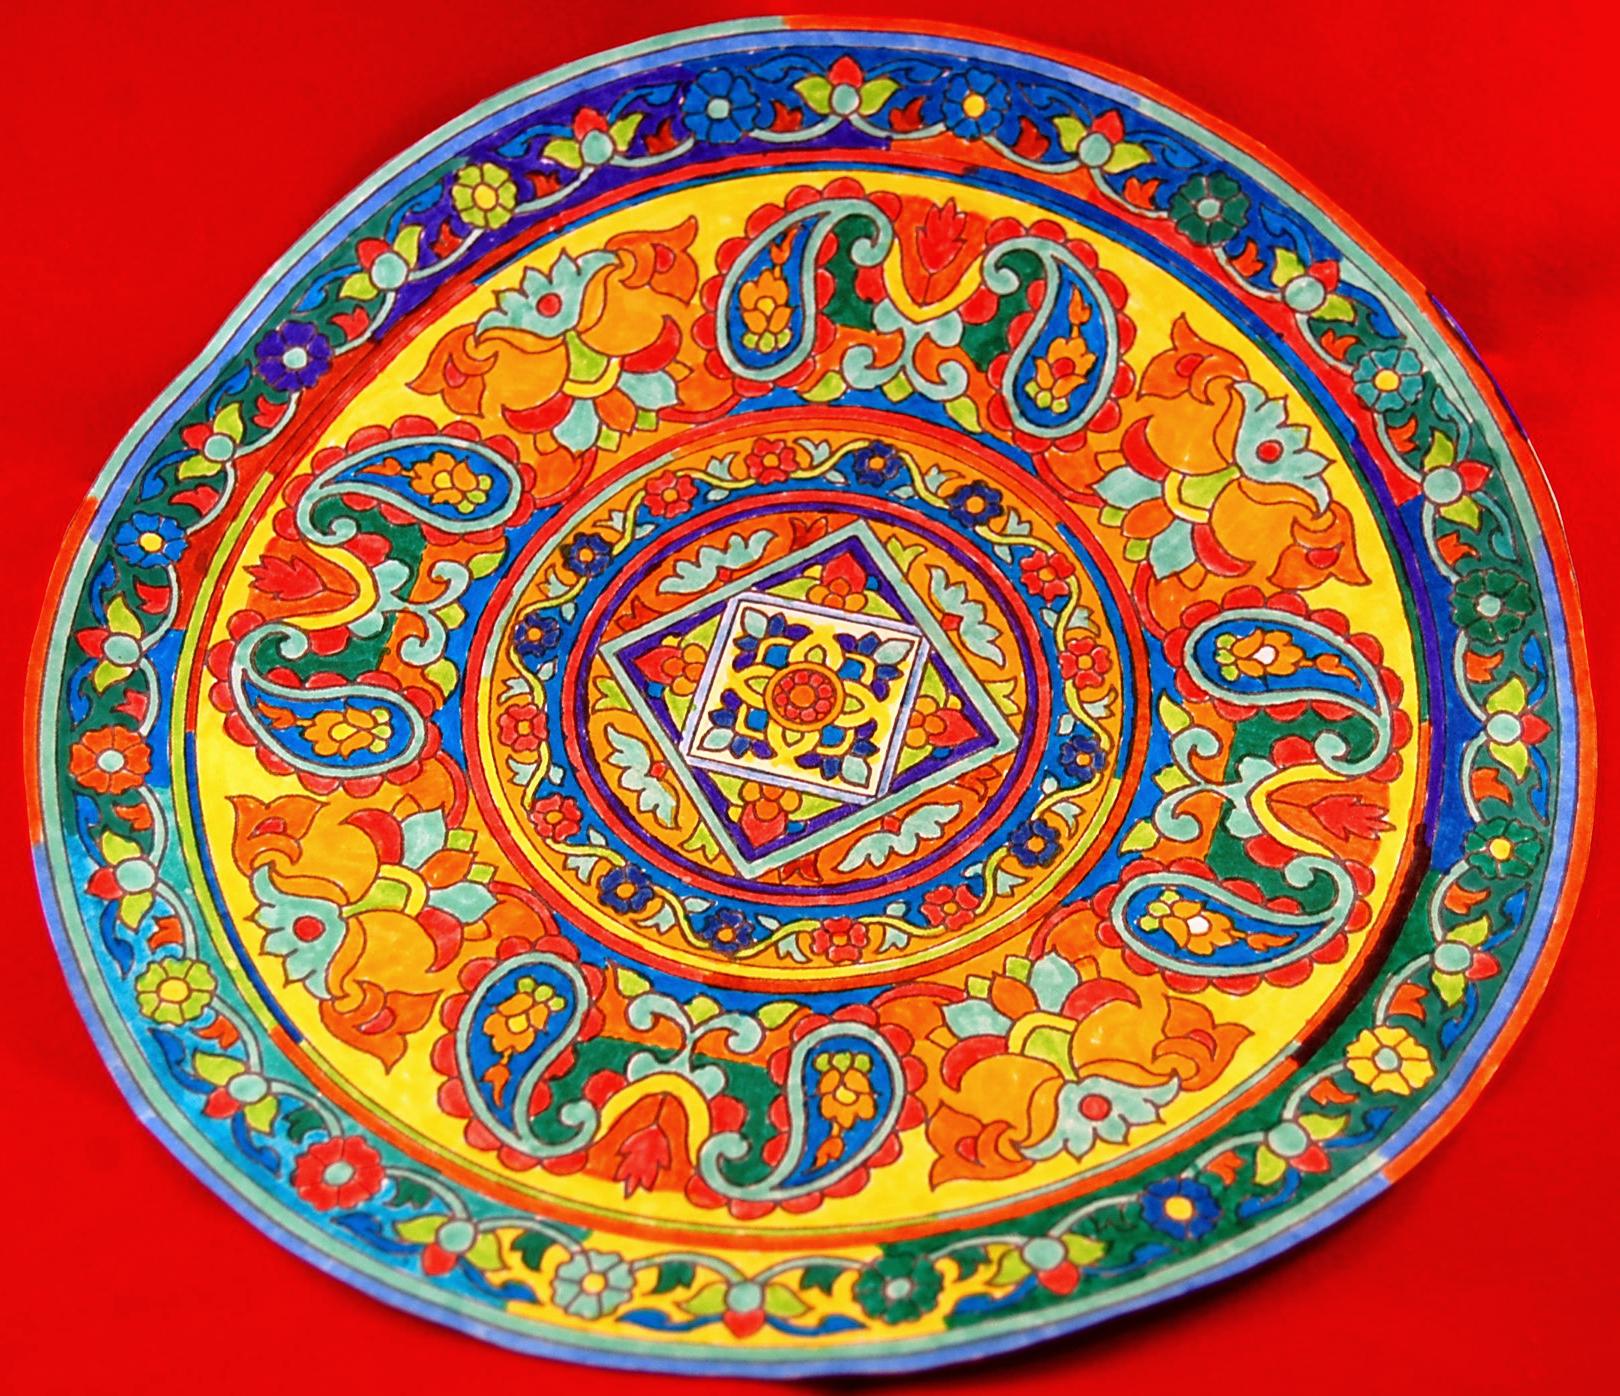 Mandala tout en couleurs